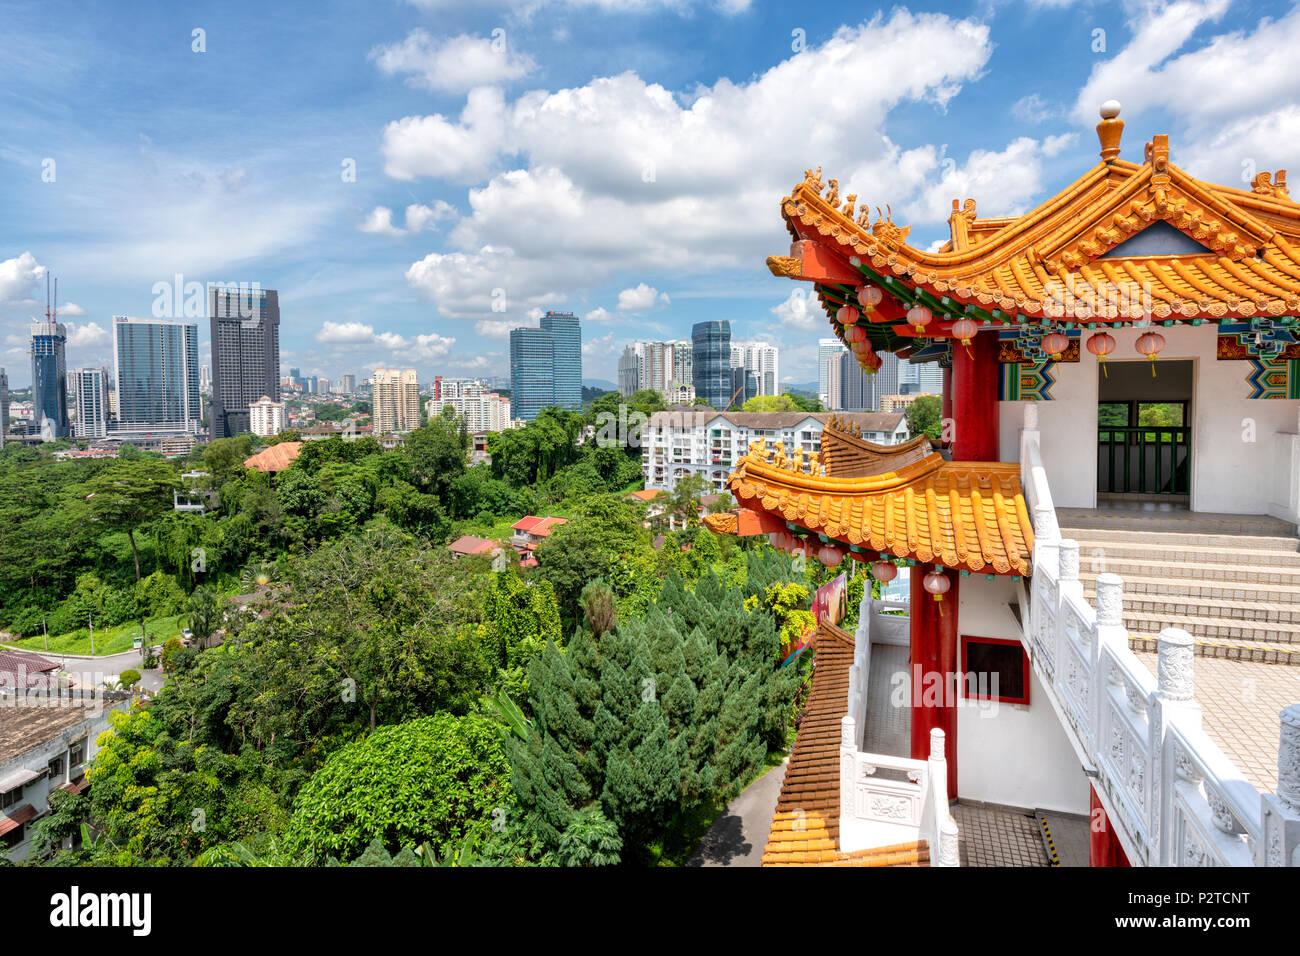 El templo de Thean Hou, en las afueras de Kuala Lumpur, Malasia Imagen De Stock